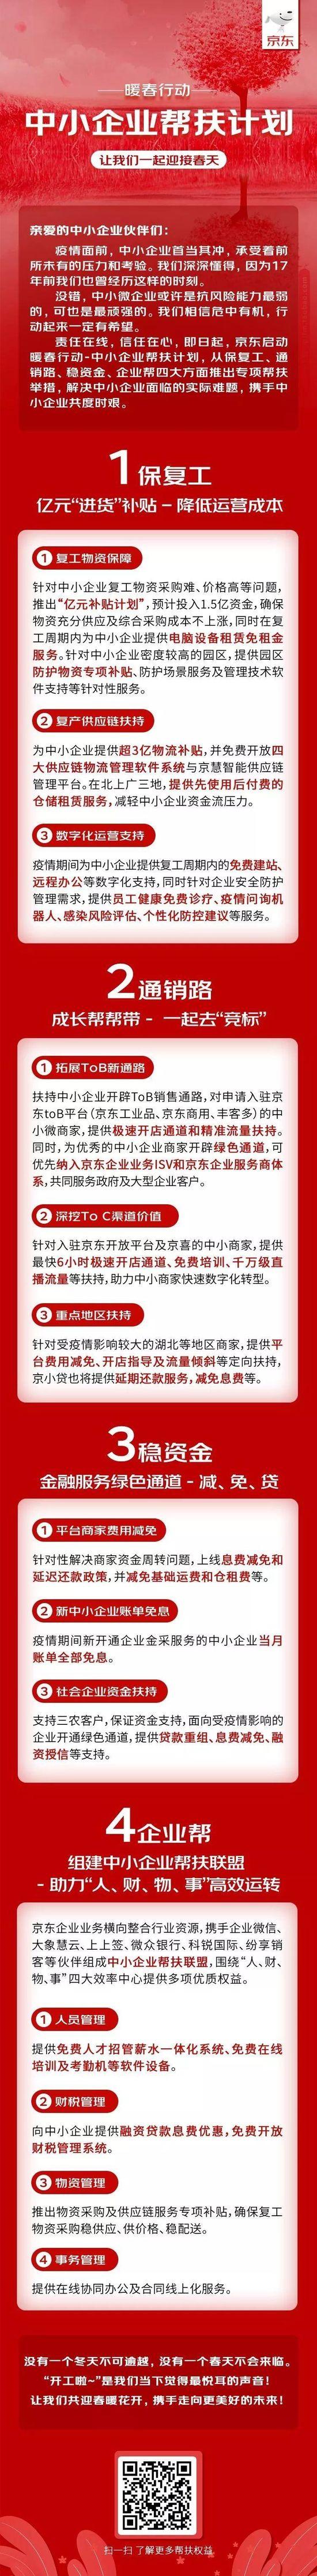 """京东投入数亿元补贴开启""""中小企业帮扶计划""""_零售_电商报"""